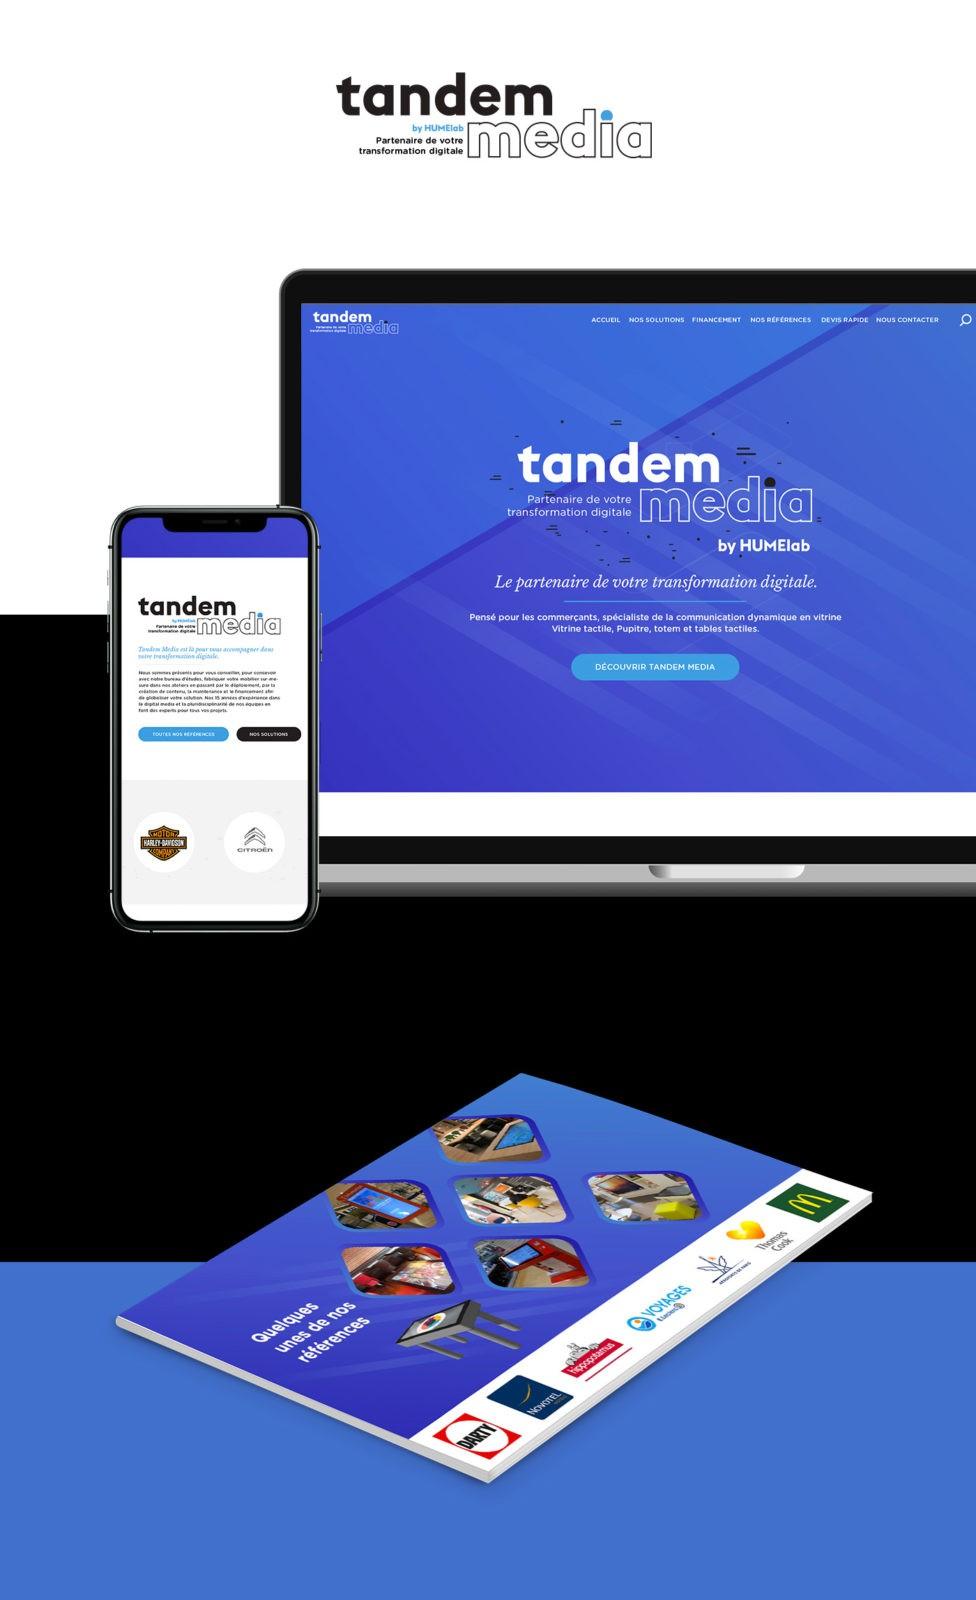 tandem-media-presentation